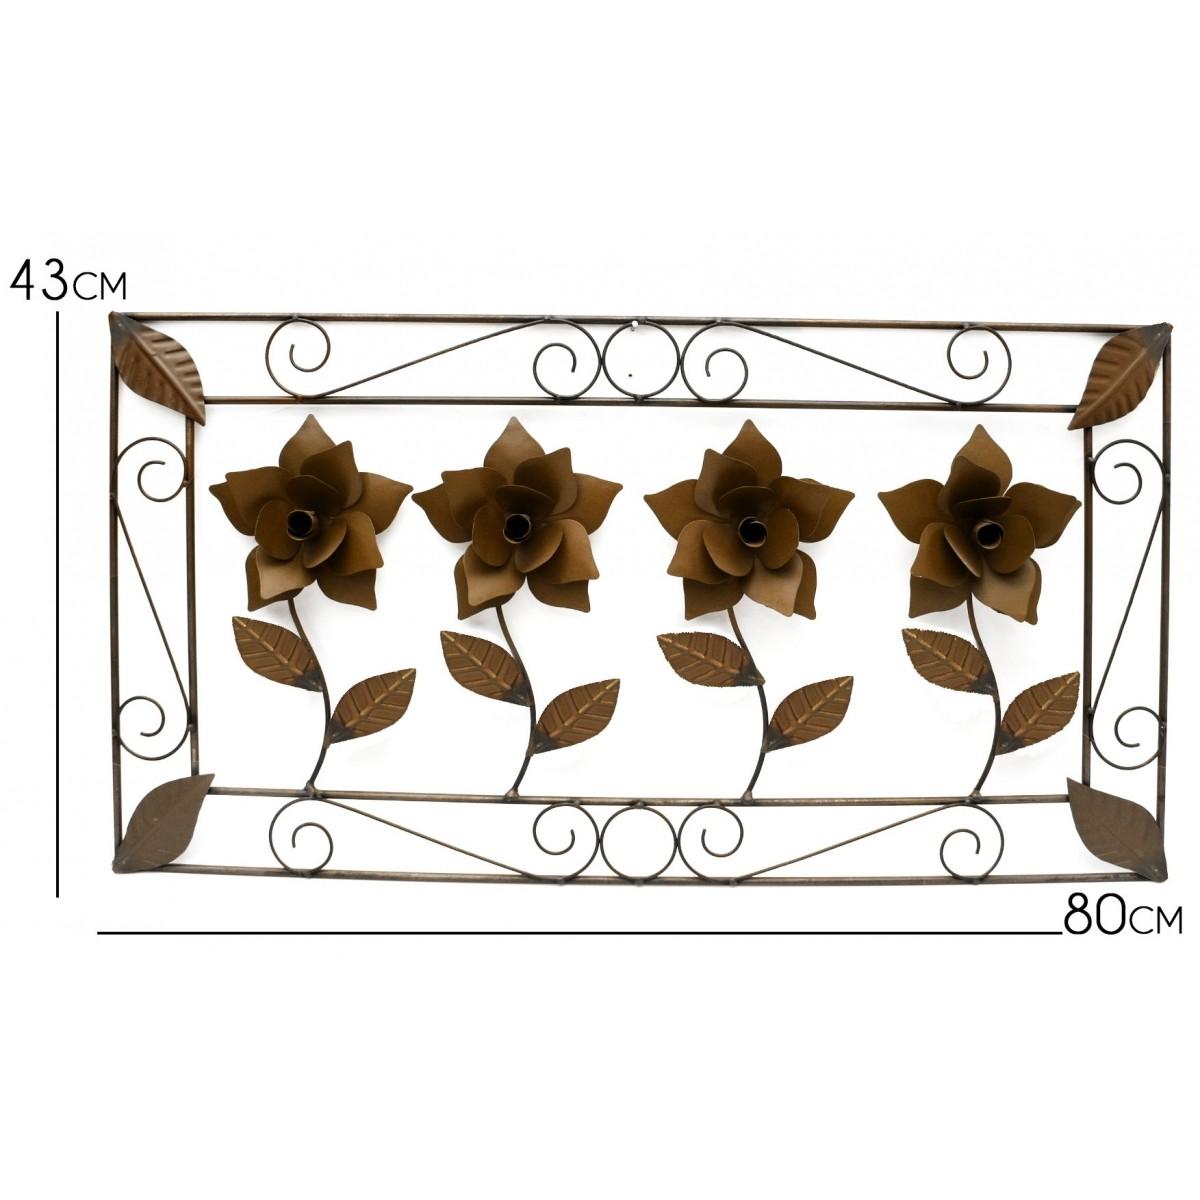 Quadro para Sala de Jantar Rustico de Ferro Artesanal Envelhecido